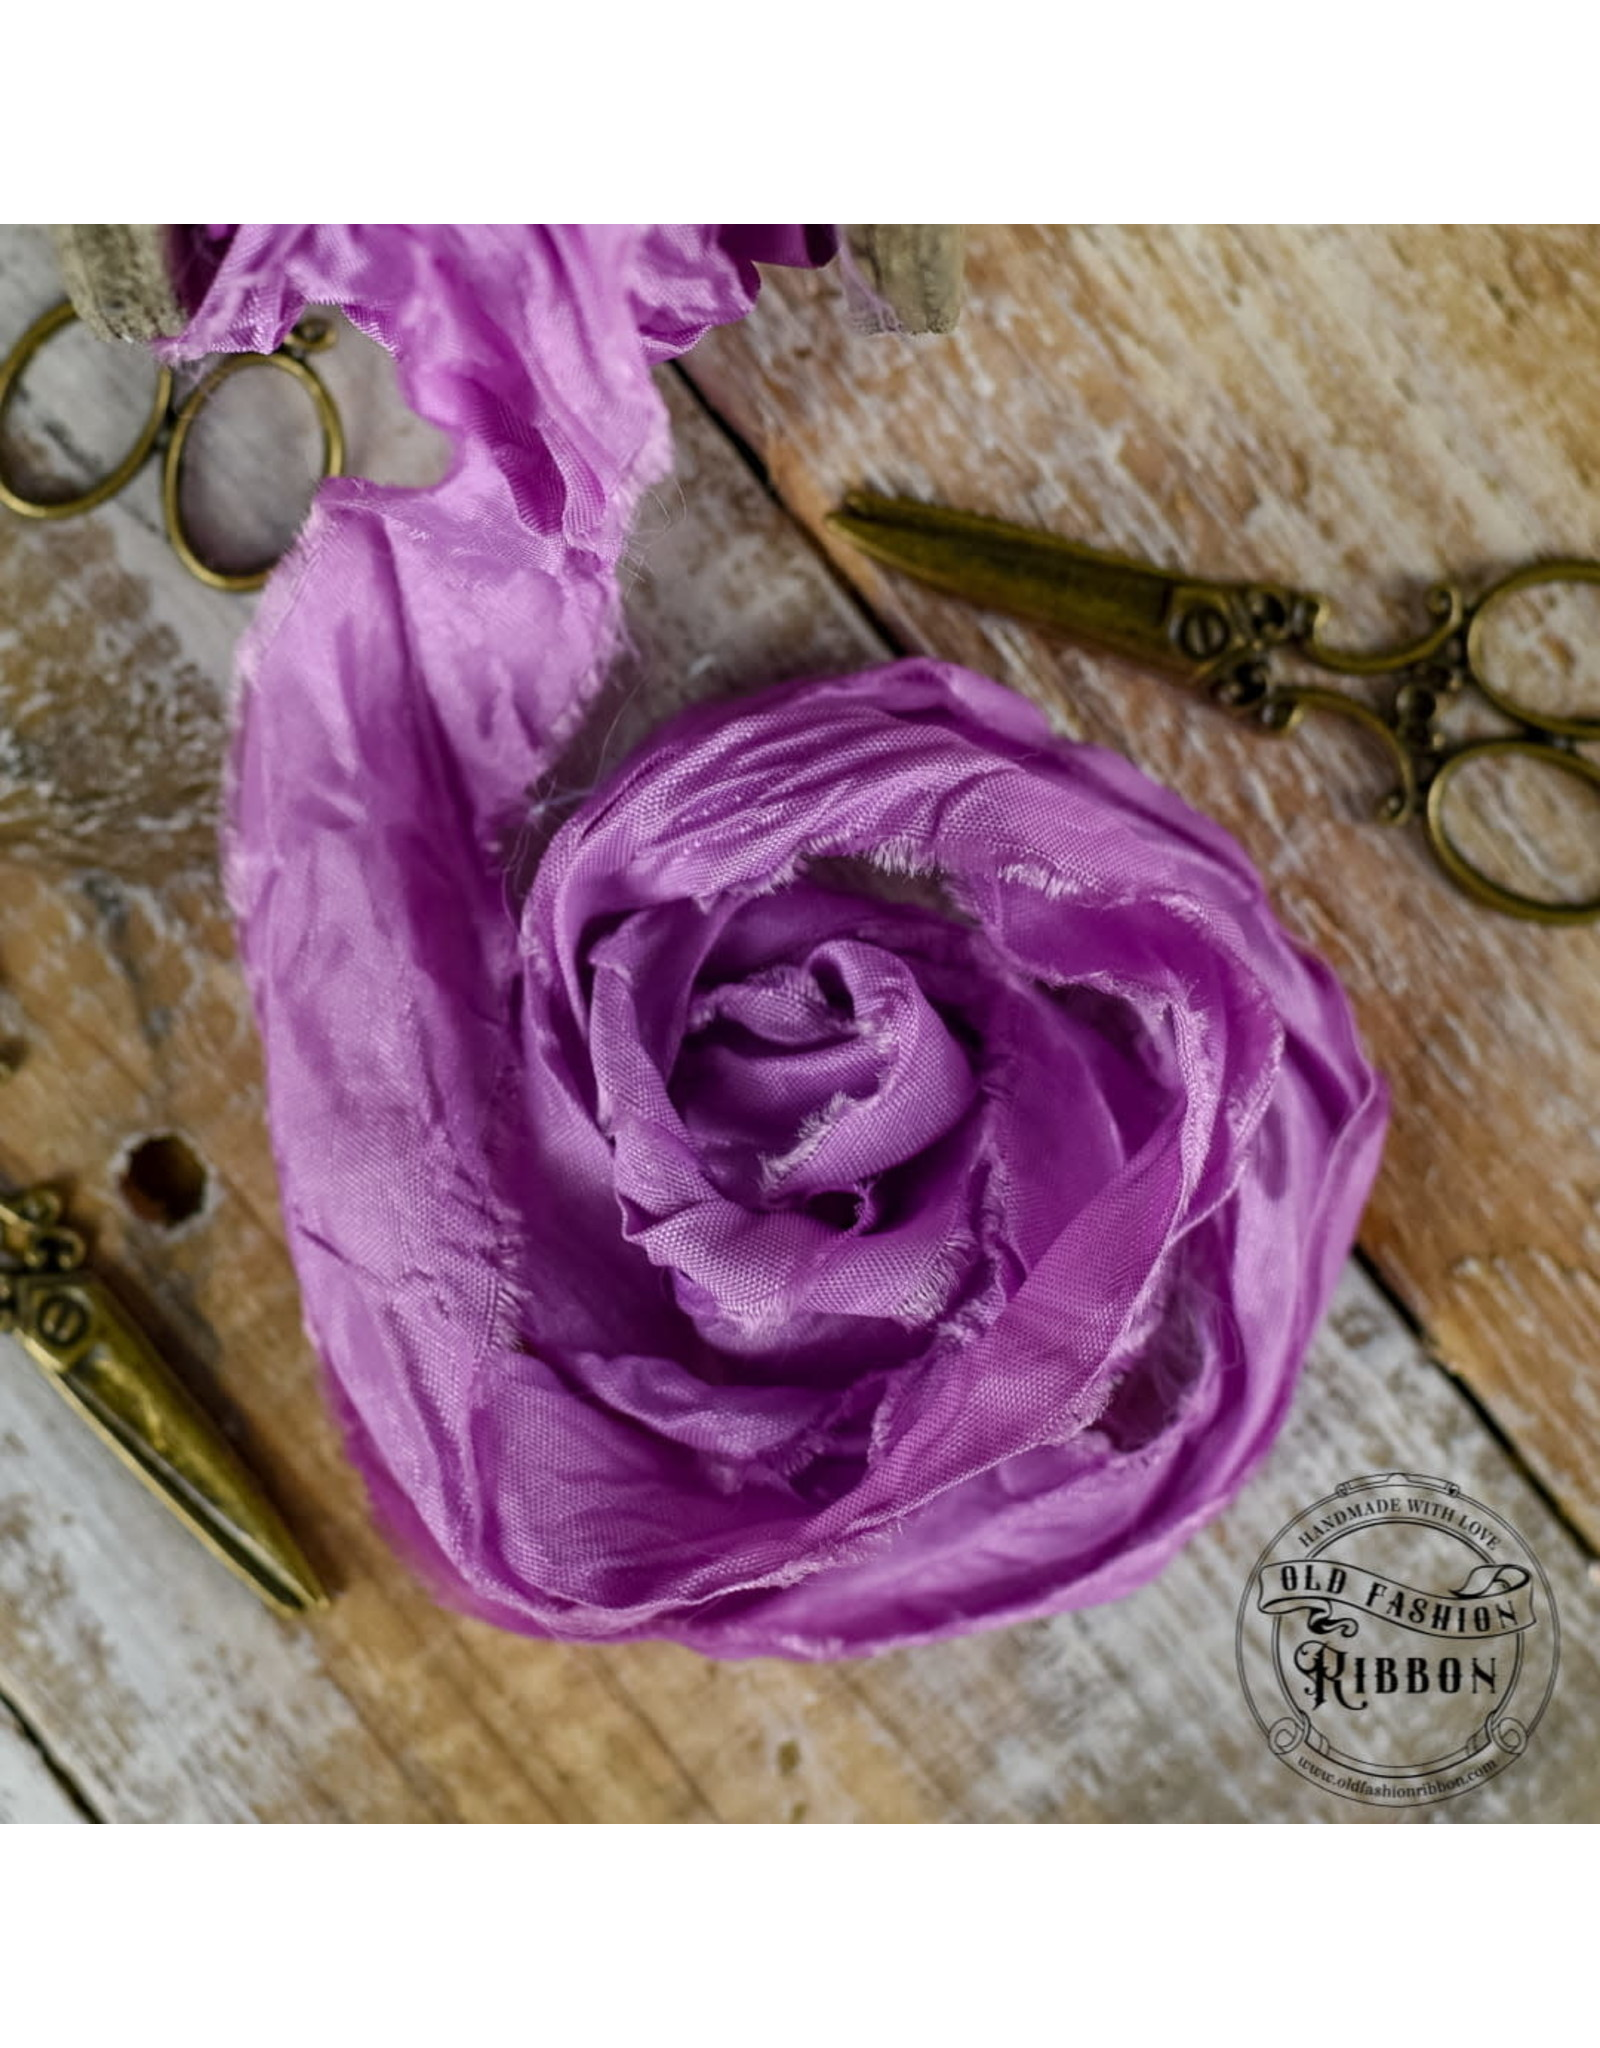 Old Fashion Ribbon Old Fashion Ribbon Satijn Peony OLDSB49